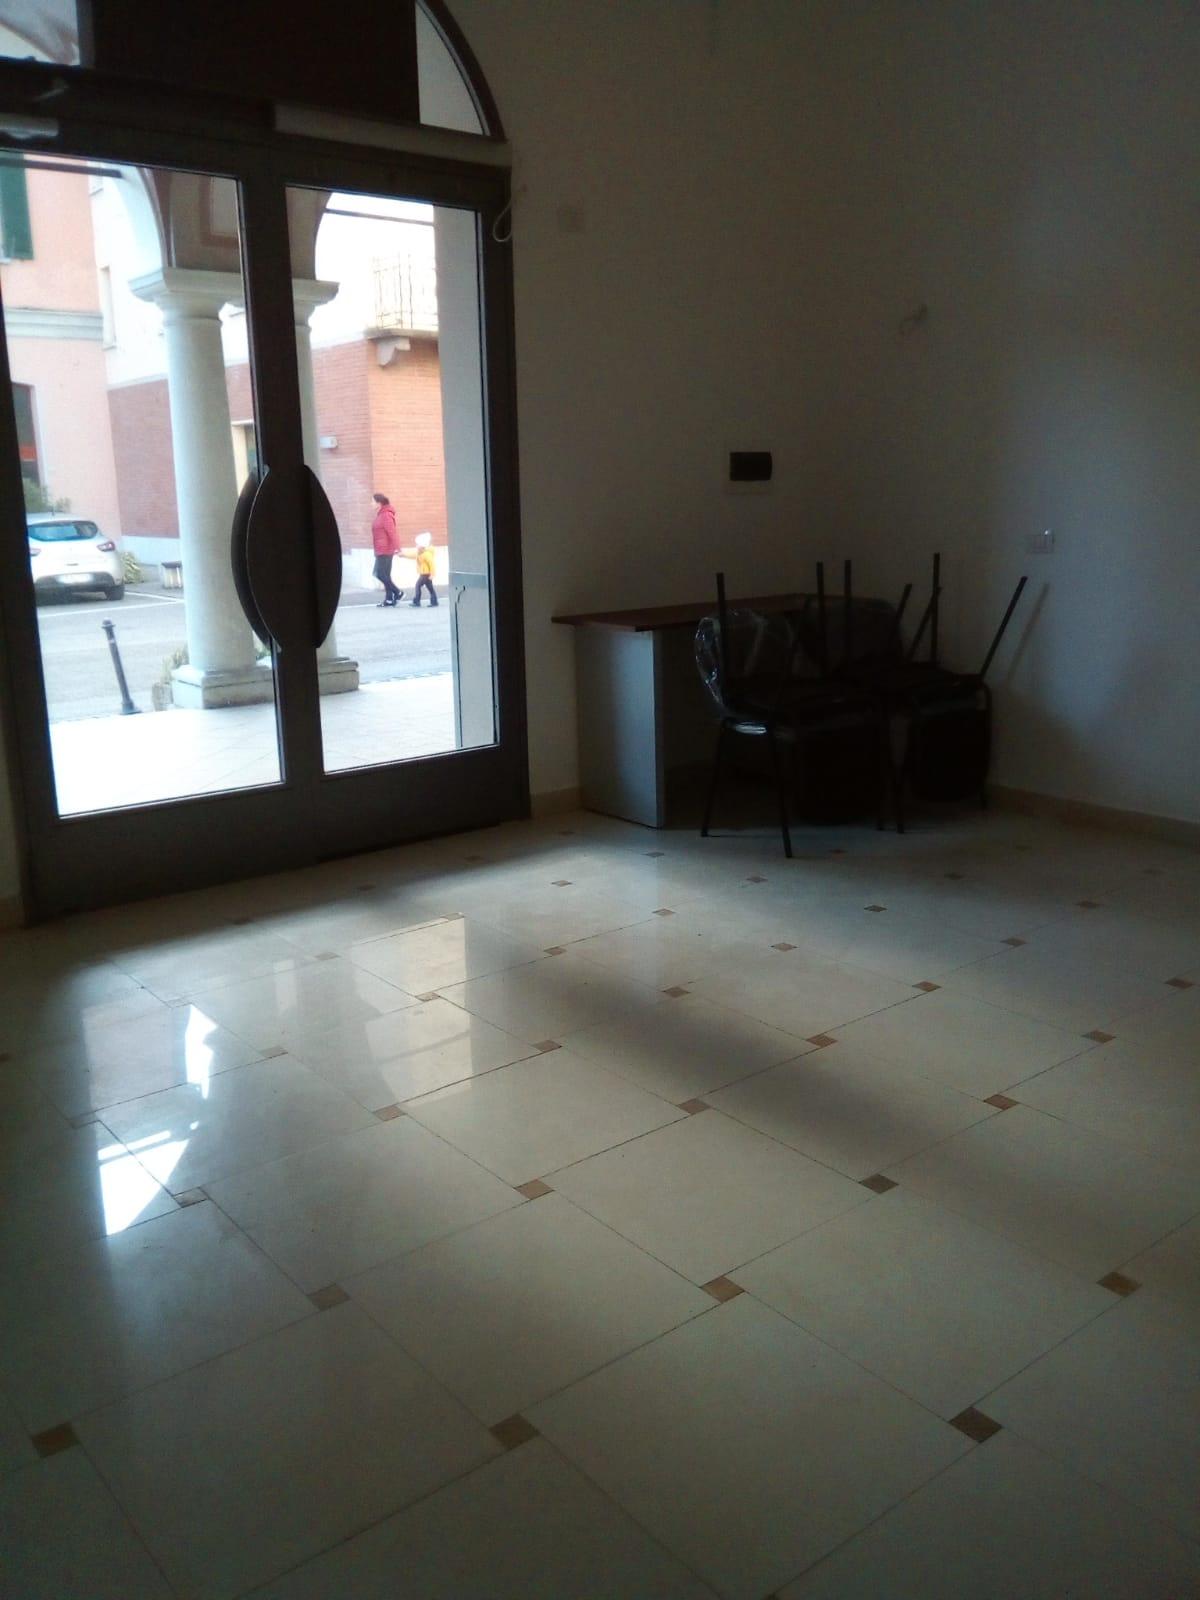 Negozio / Locale in affitto a Riolo Terme, 9999 locali, zona Località: RioloTerme, prezzo € 400 | CambioCasa.it